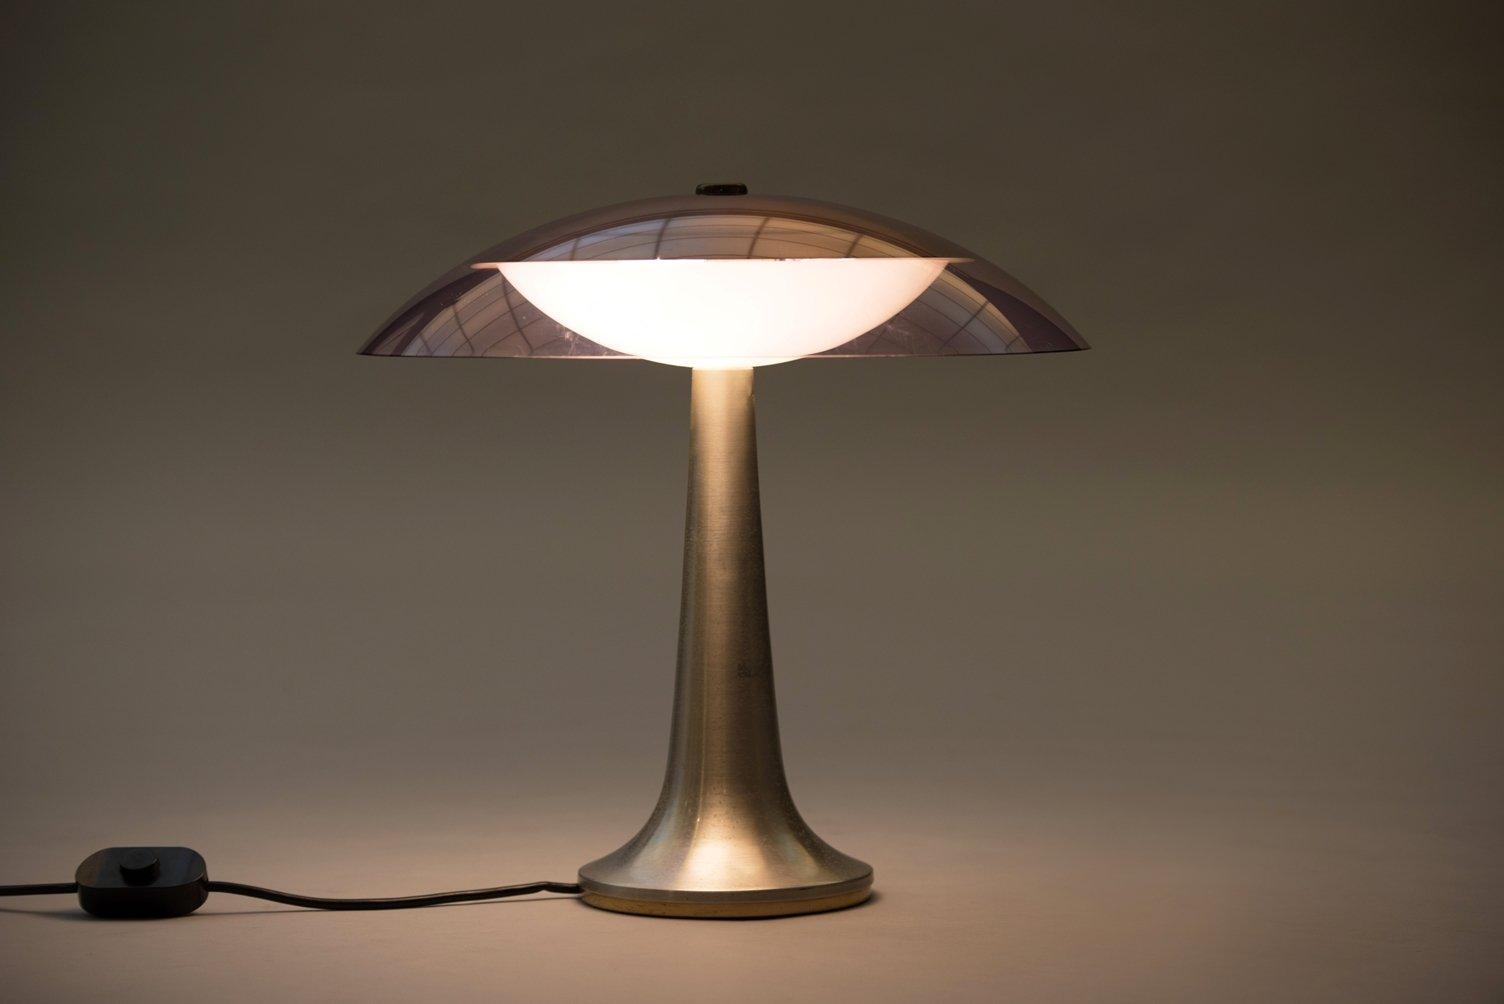 Lampada da tavolo vintage di stilux milano in vendita su - Lampada da tavolo vintage ...